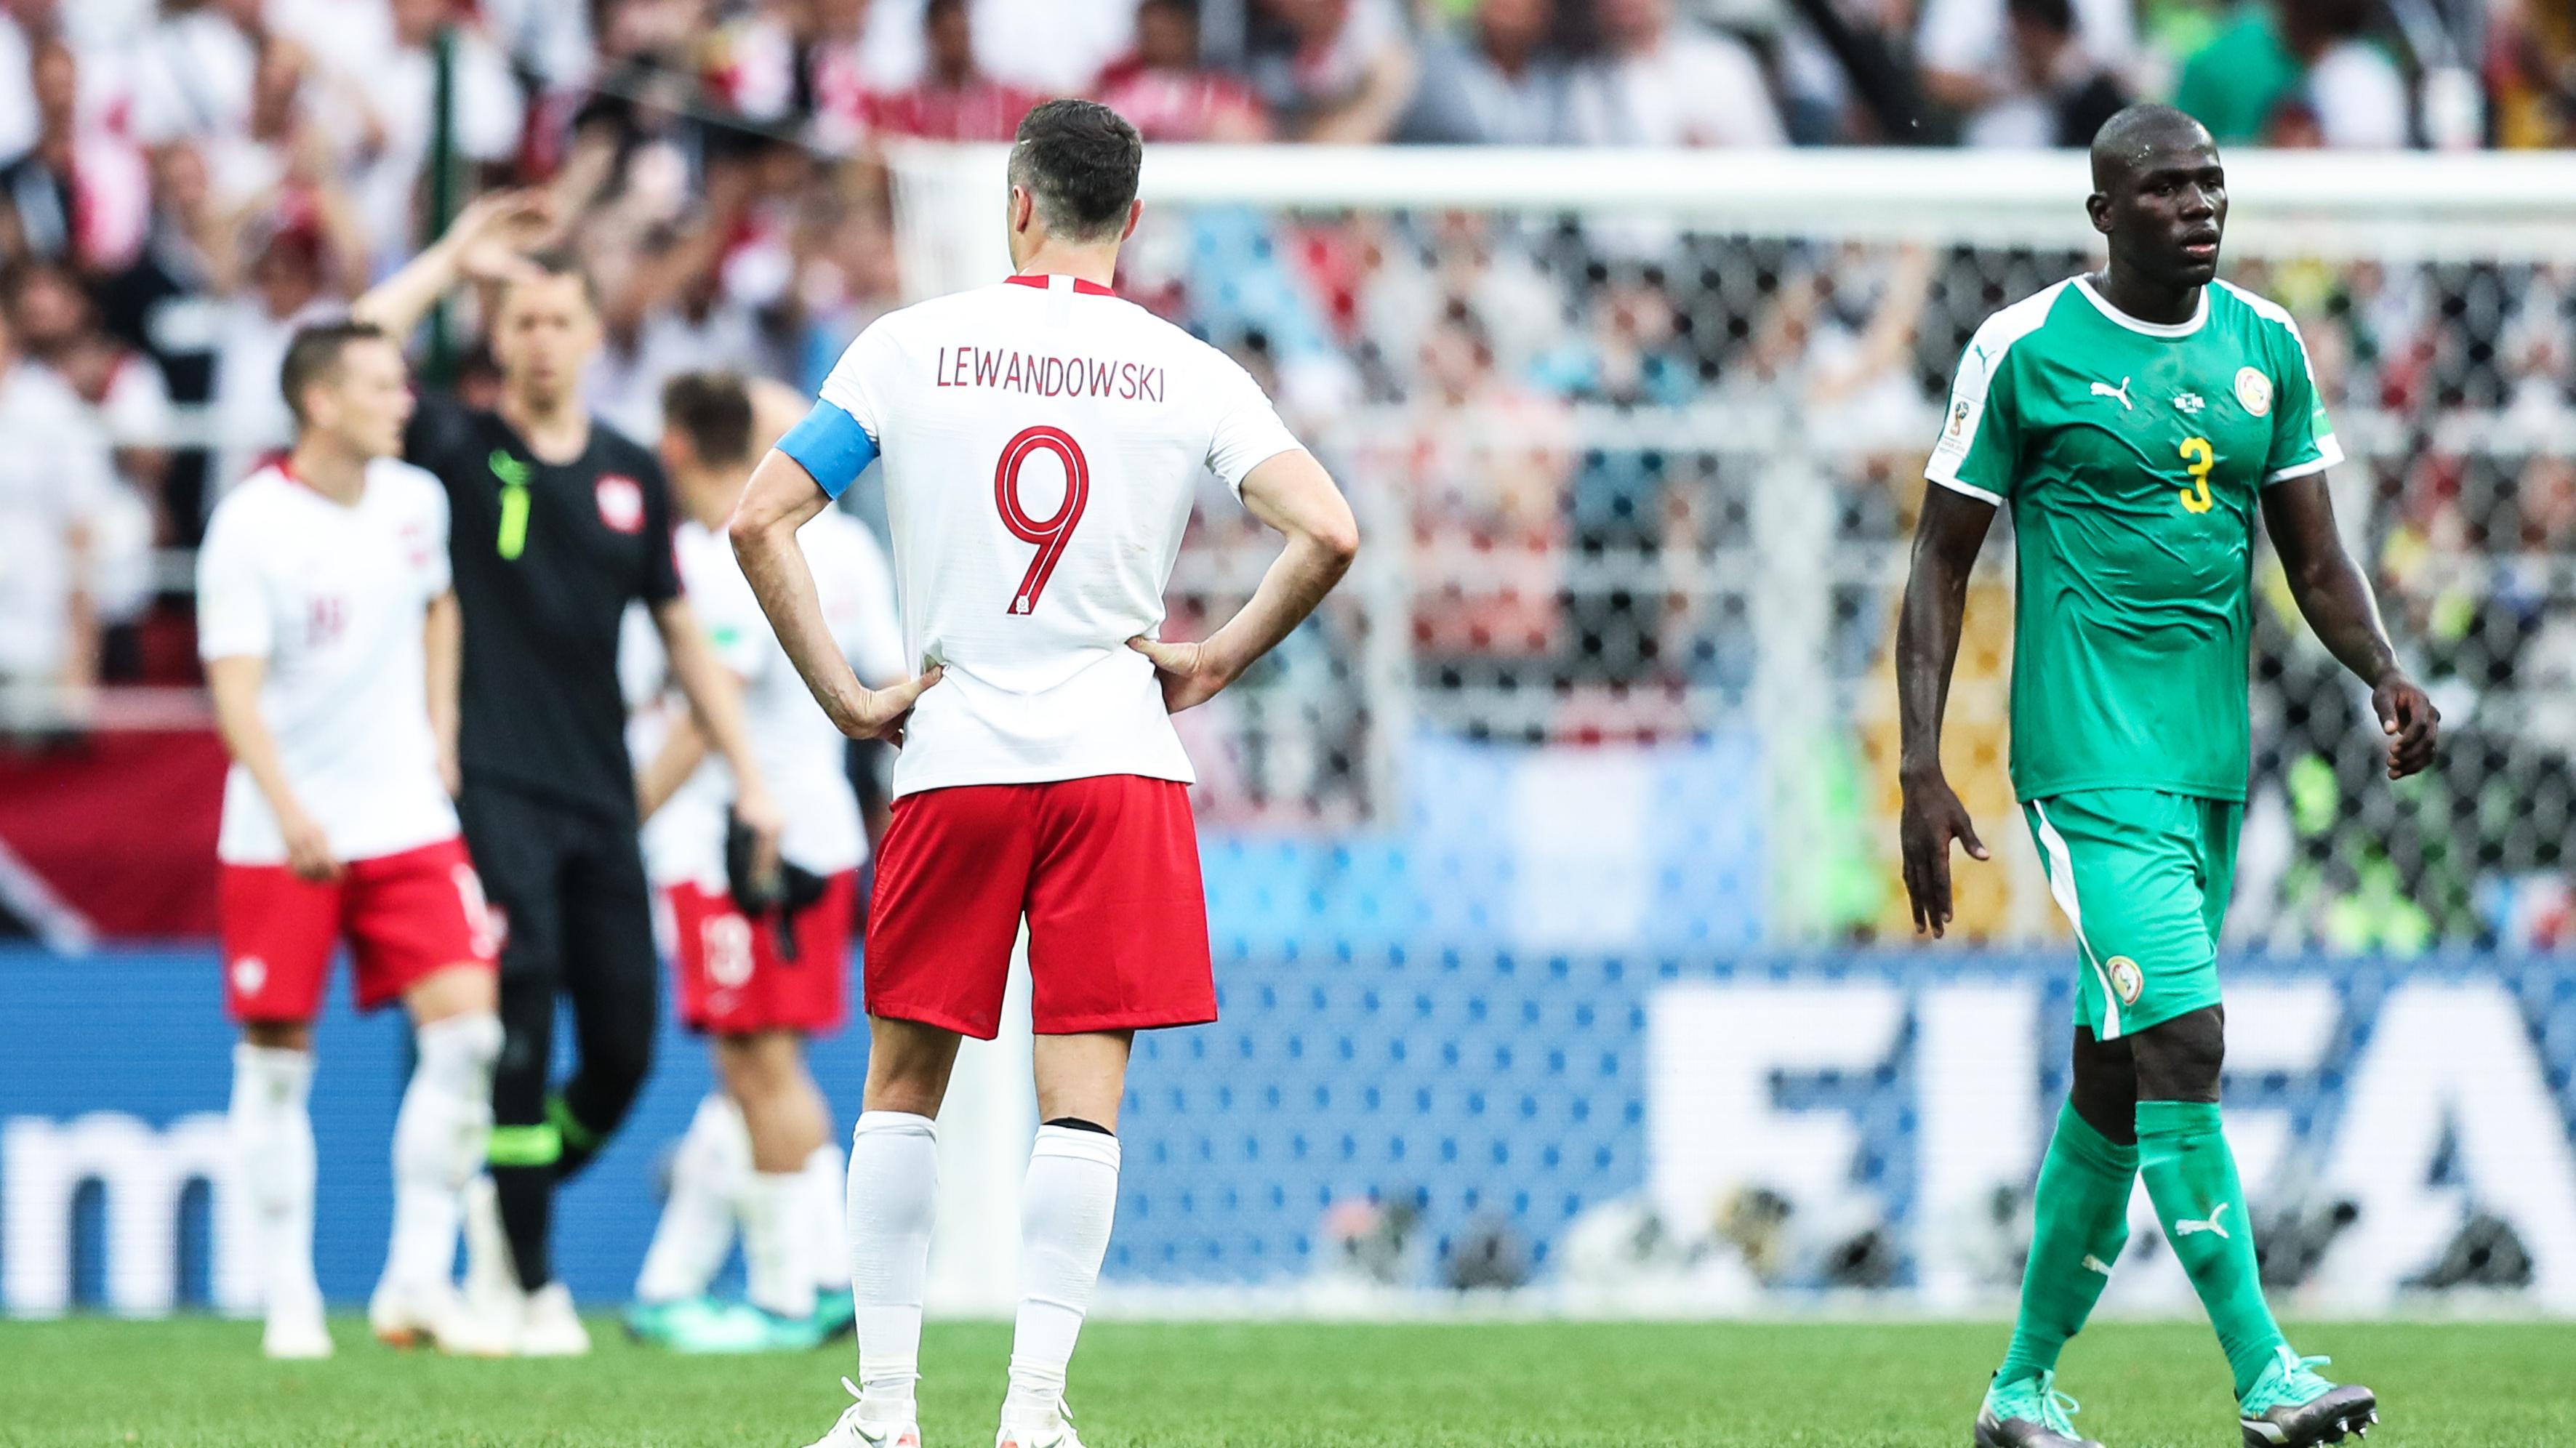 d668a582f MŚ 2018. Reprezentacja Polski ma małe szanse na awans - Mundial 2018